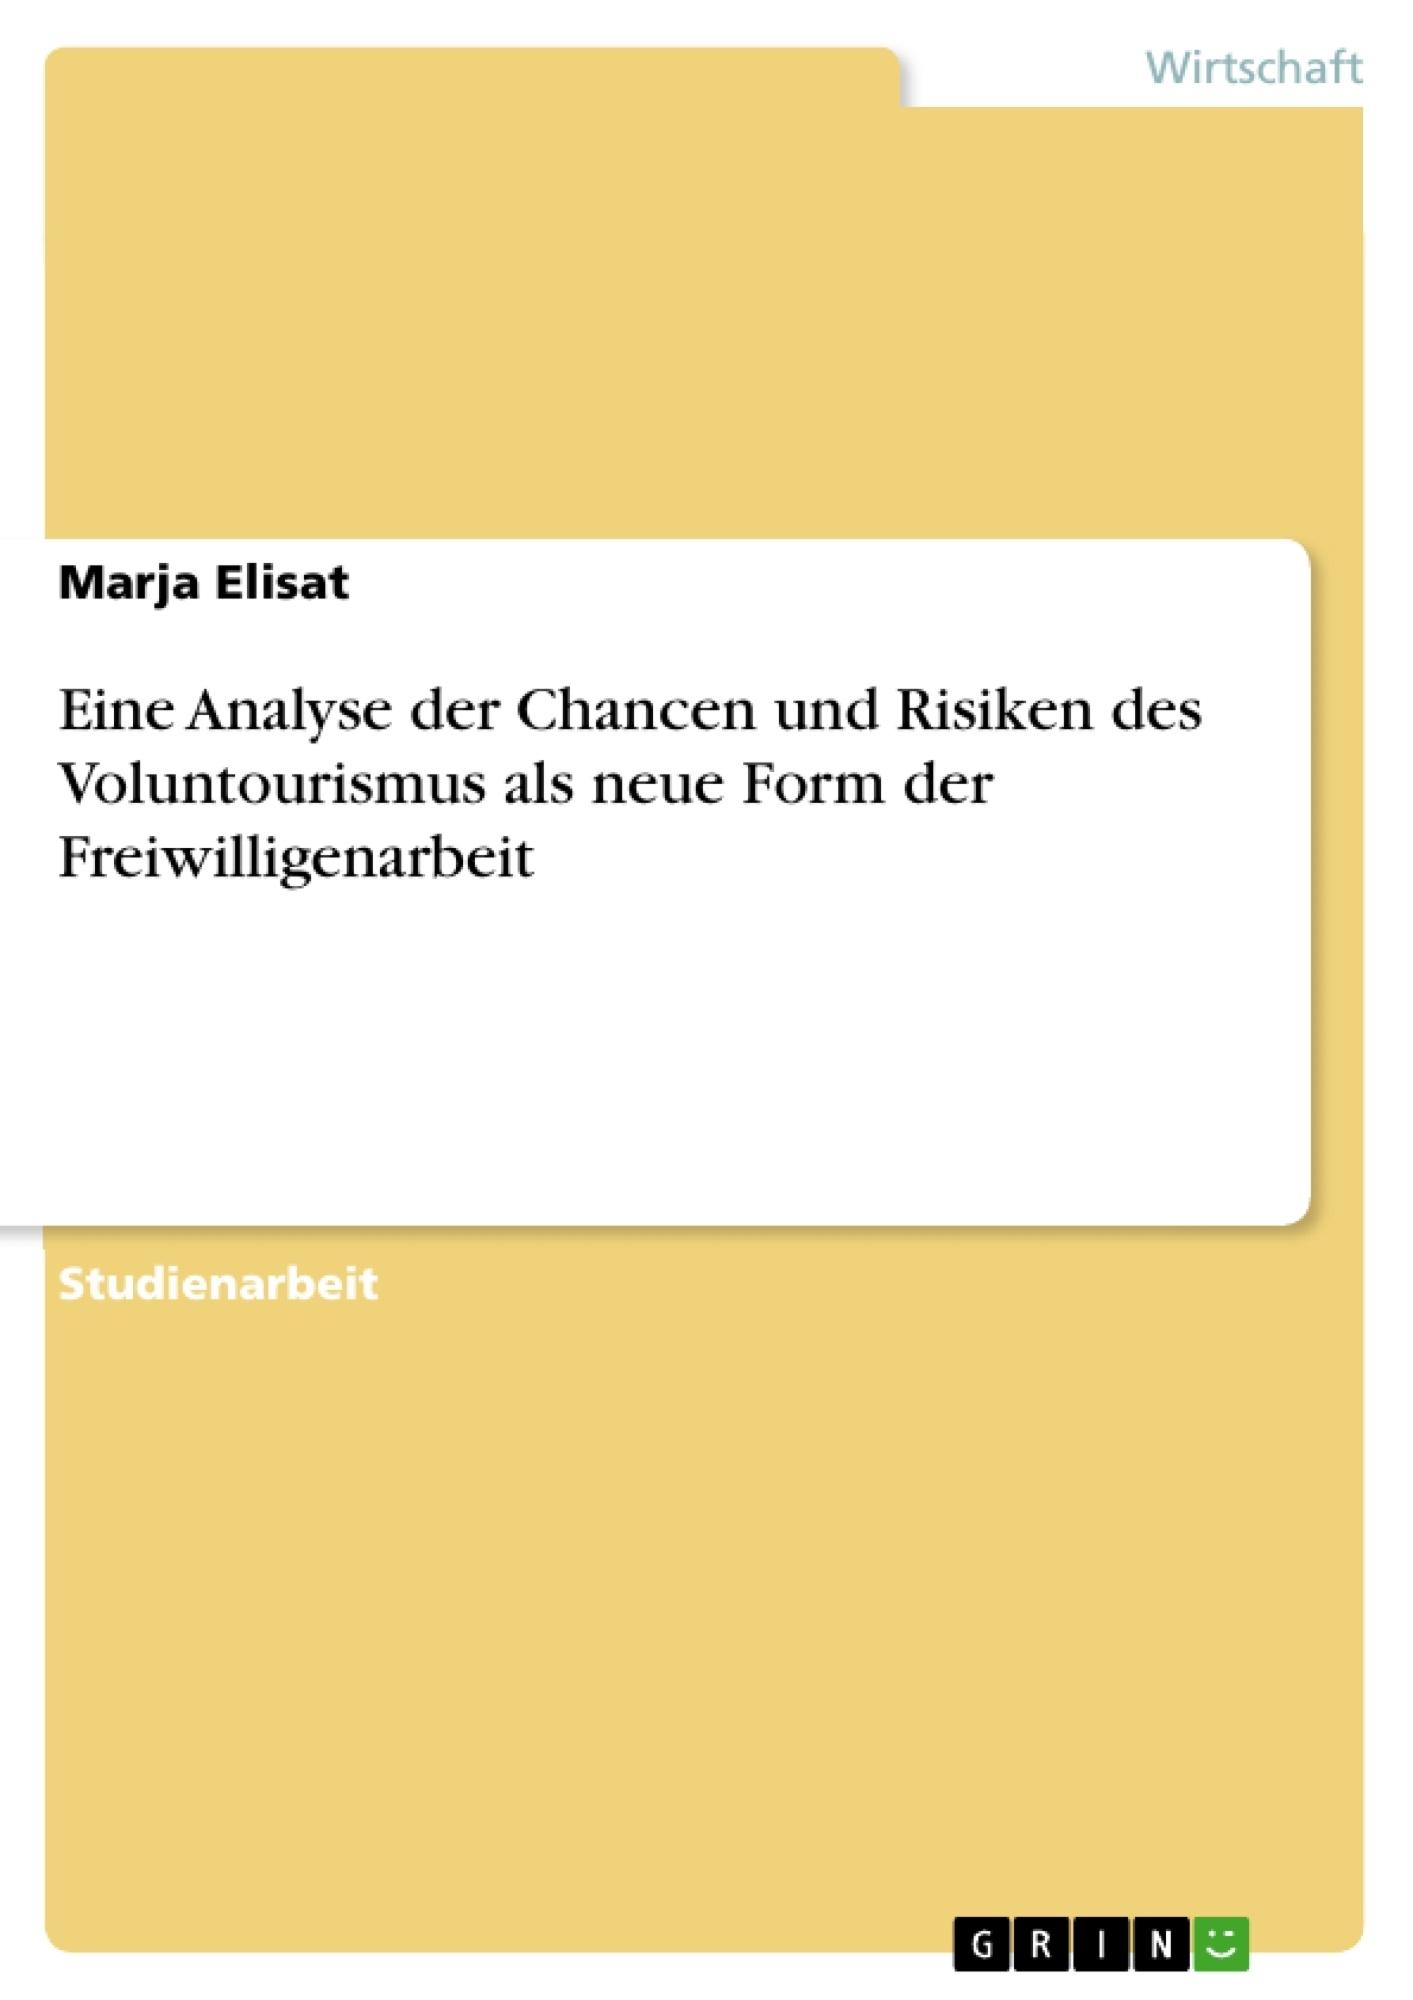 Titel: Eine Analyse der Chancen und Risiken des Voluntourismus als neue Form der Freiwilligenarbeit